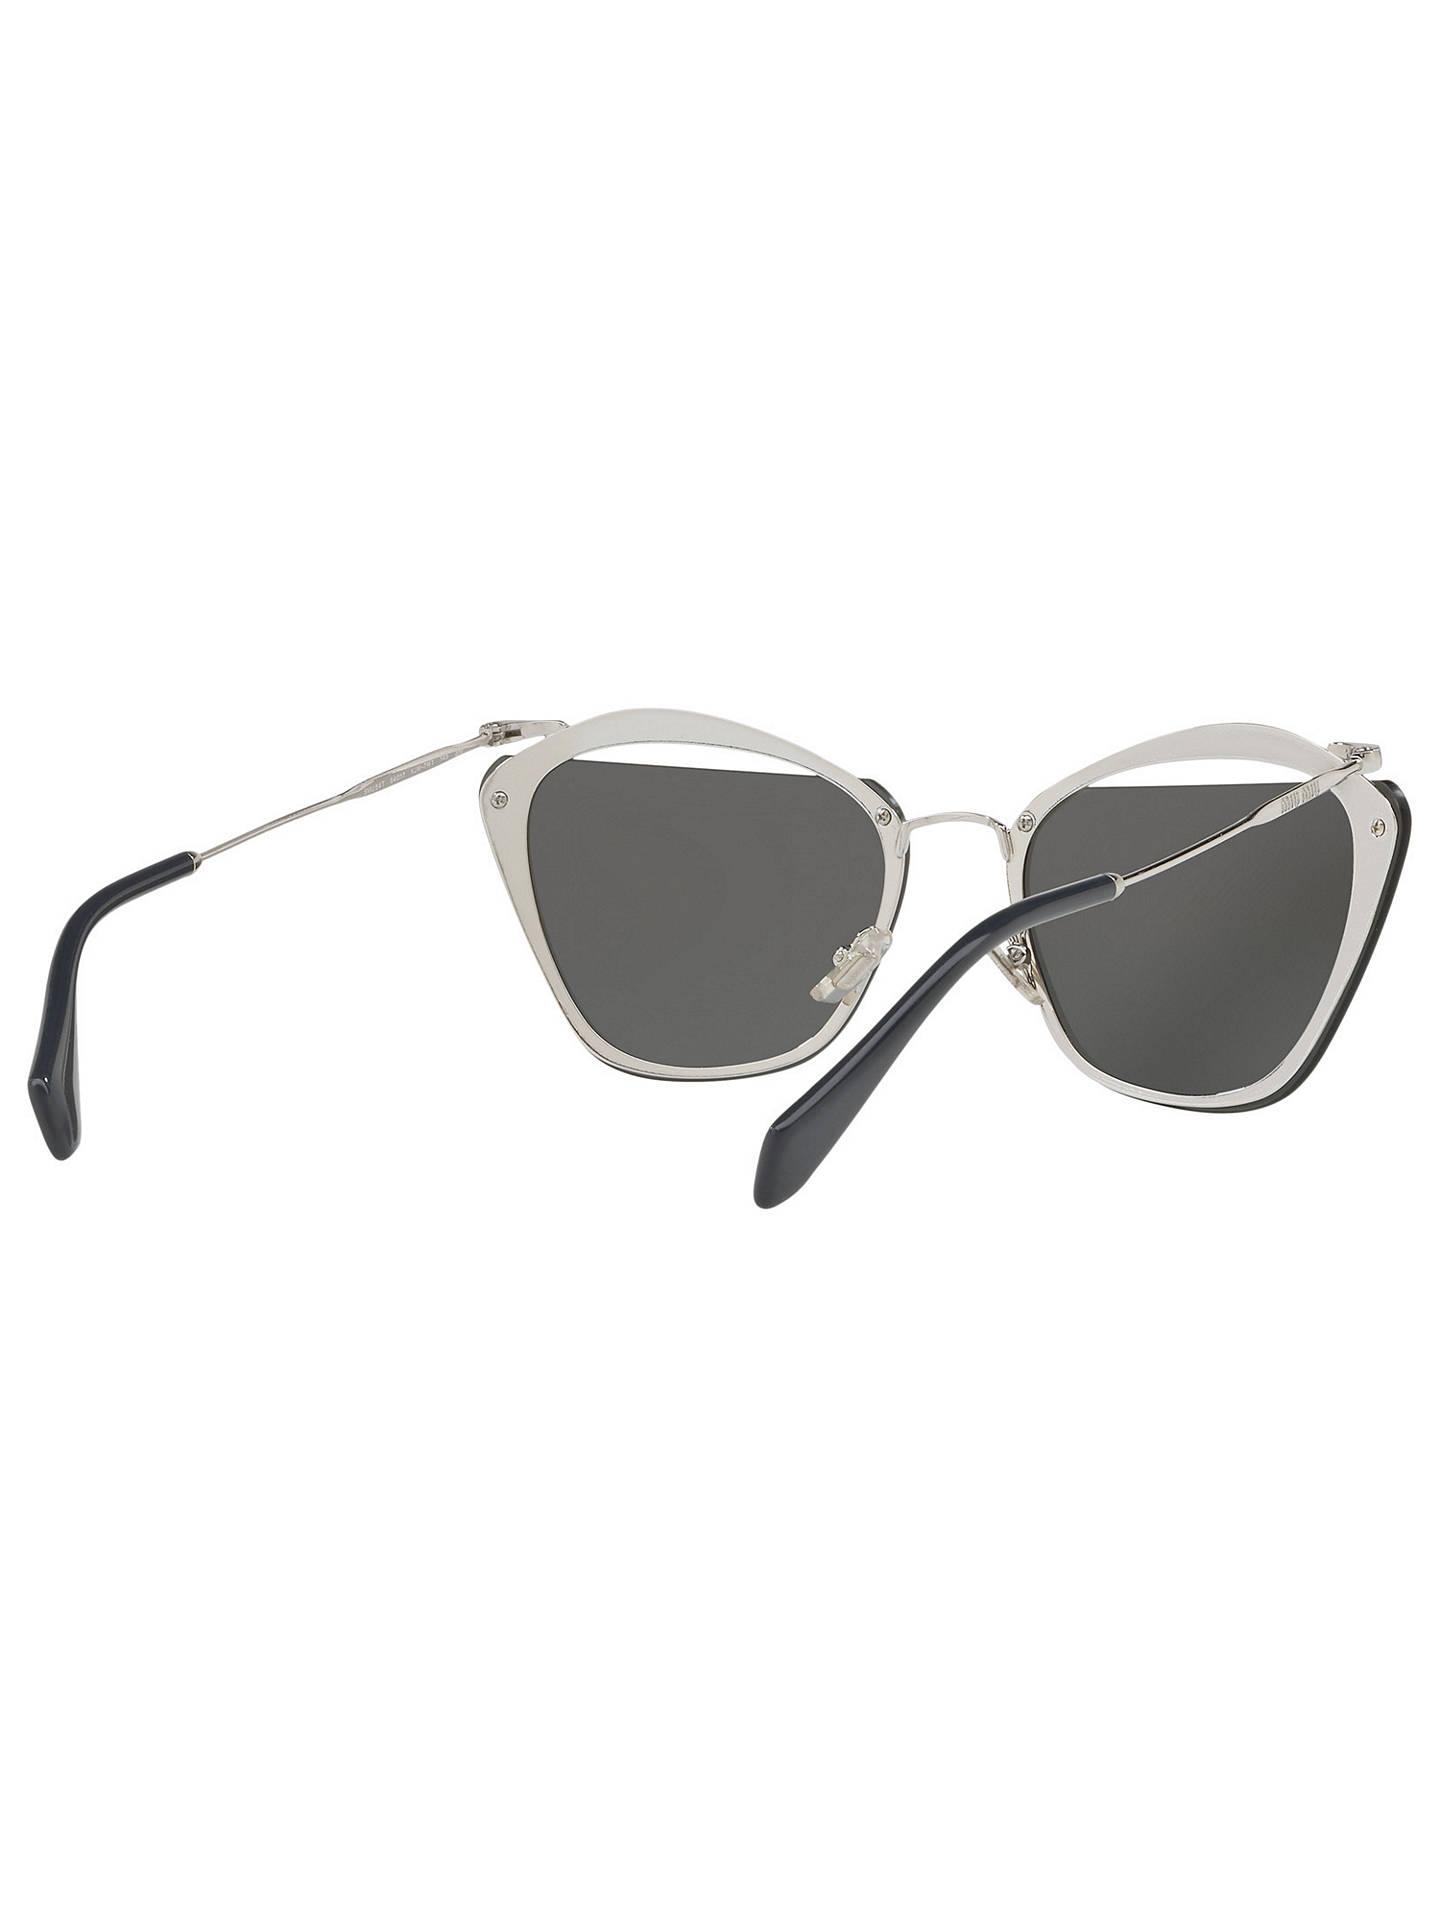 77e9a4fa8120 ... Buy Miu Miu MU54TS Square Sunglasses